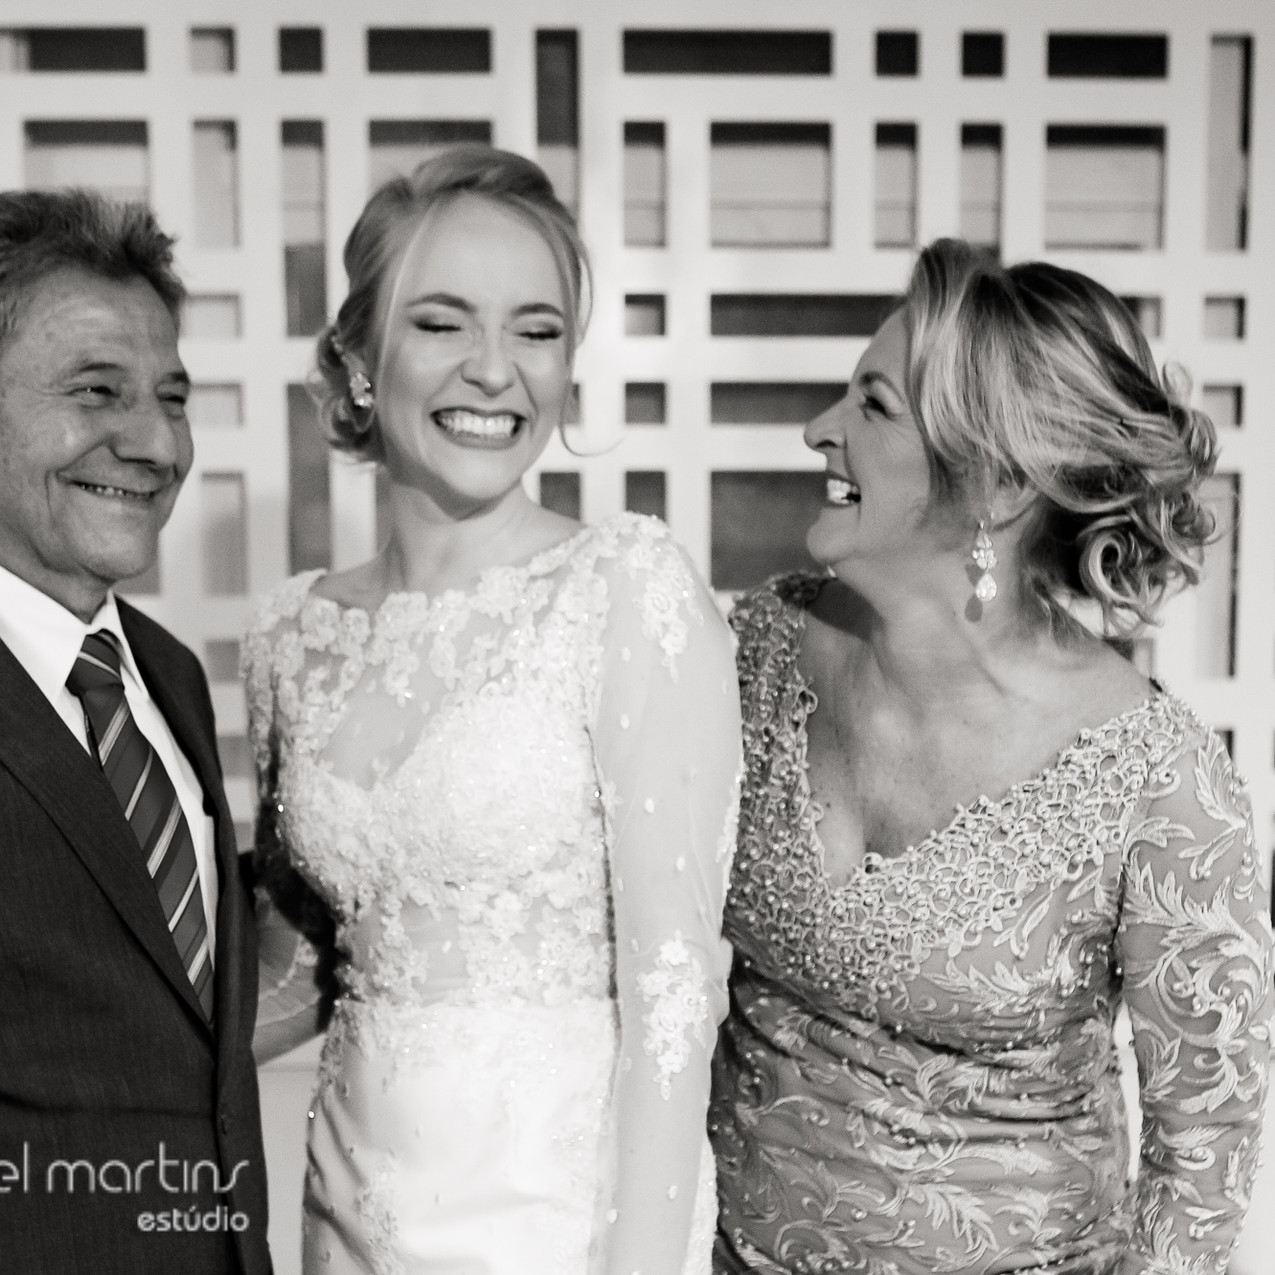 BeR-0258-fotografo-casamento-wedding-gotadagua-rustico-brunaeraul-boho-diy-portoalegre-daniel-martins